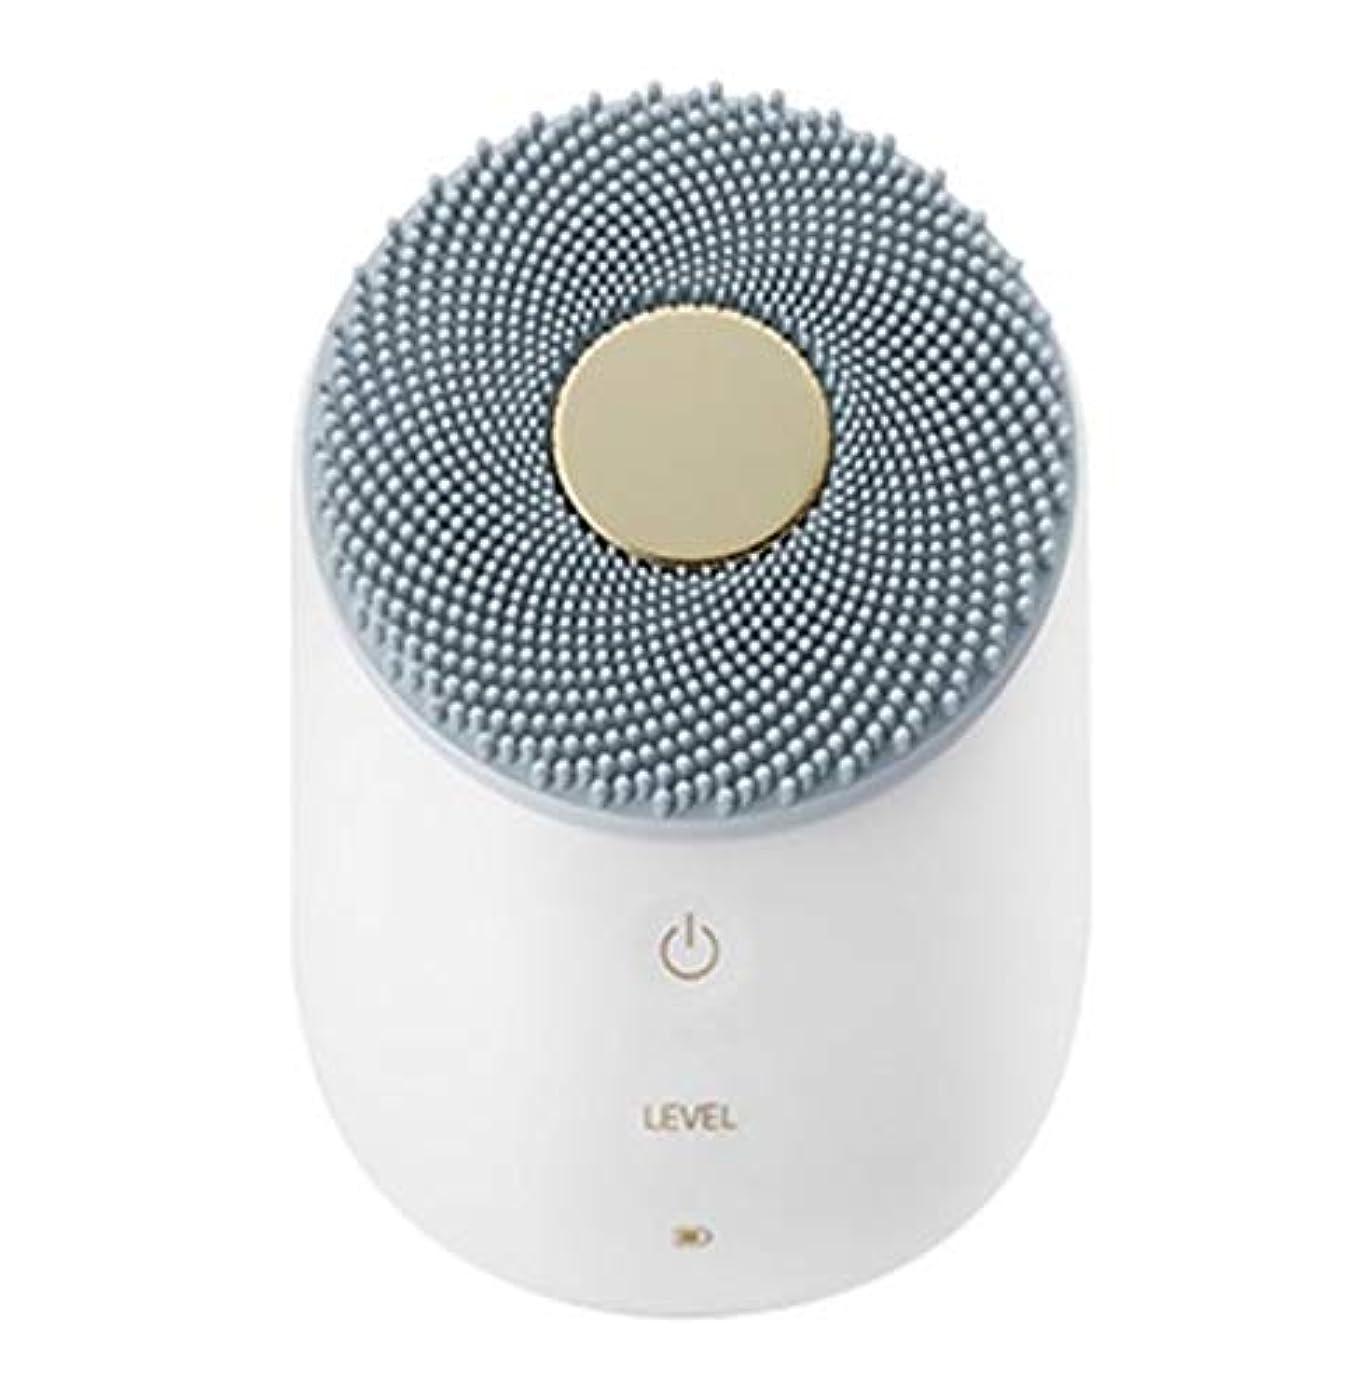 助けてコインランドリー安らぎ(LGエレクトロニクス) LG Electronics Pra.L 超音波 振動 クレンジング 美肌 フェイシャル 洗顔 ブラシ [並行輸入品]